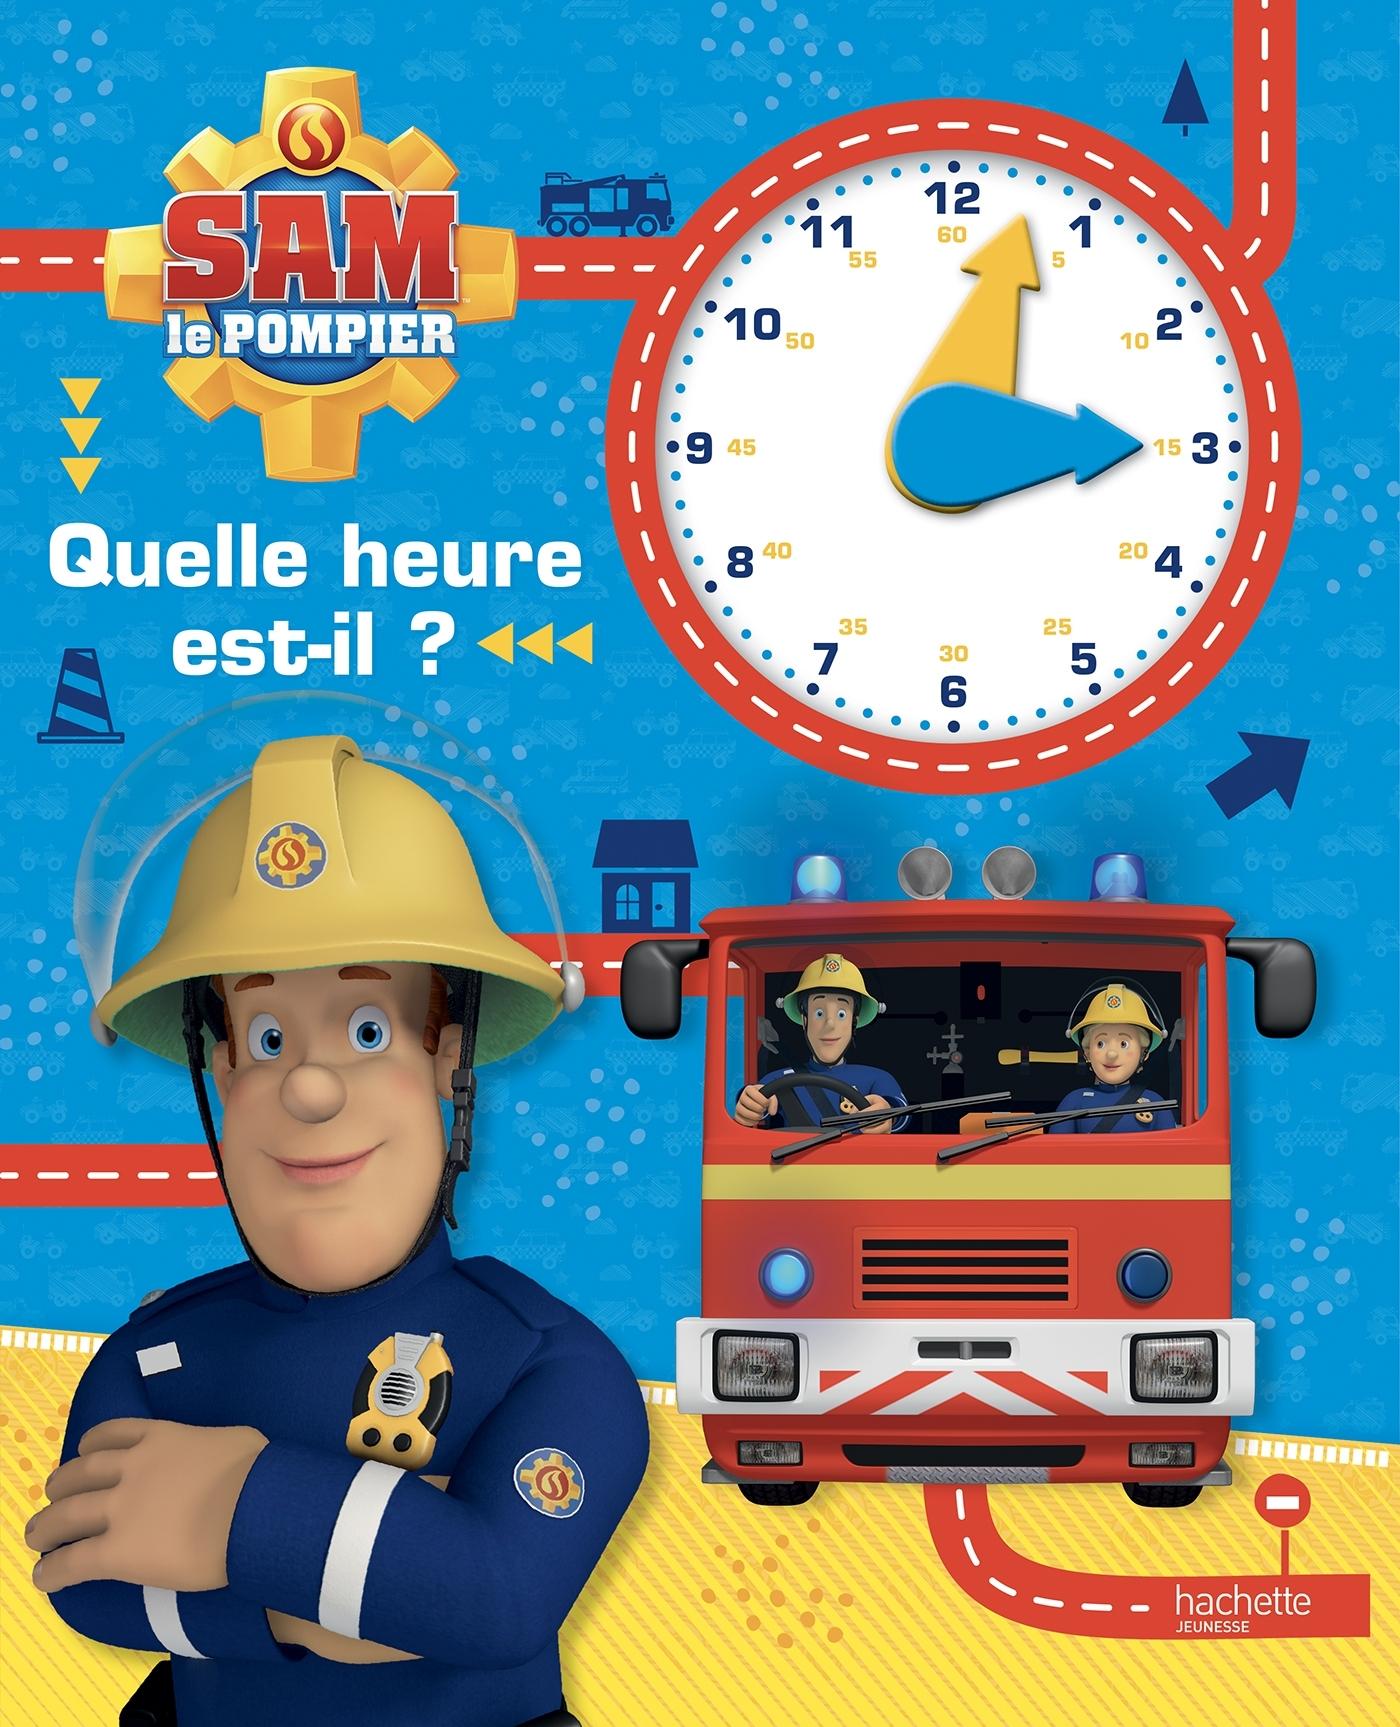 SAM LE POMPIER - QUELLE HEURE EST-IL ?